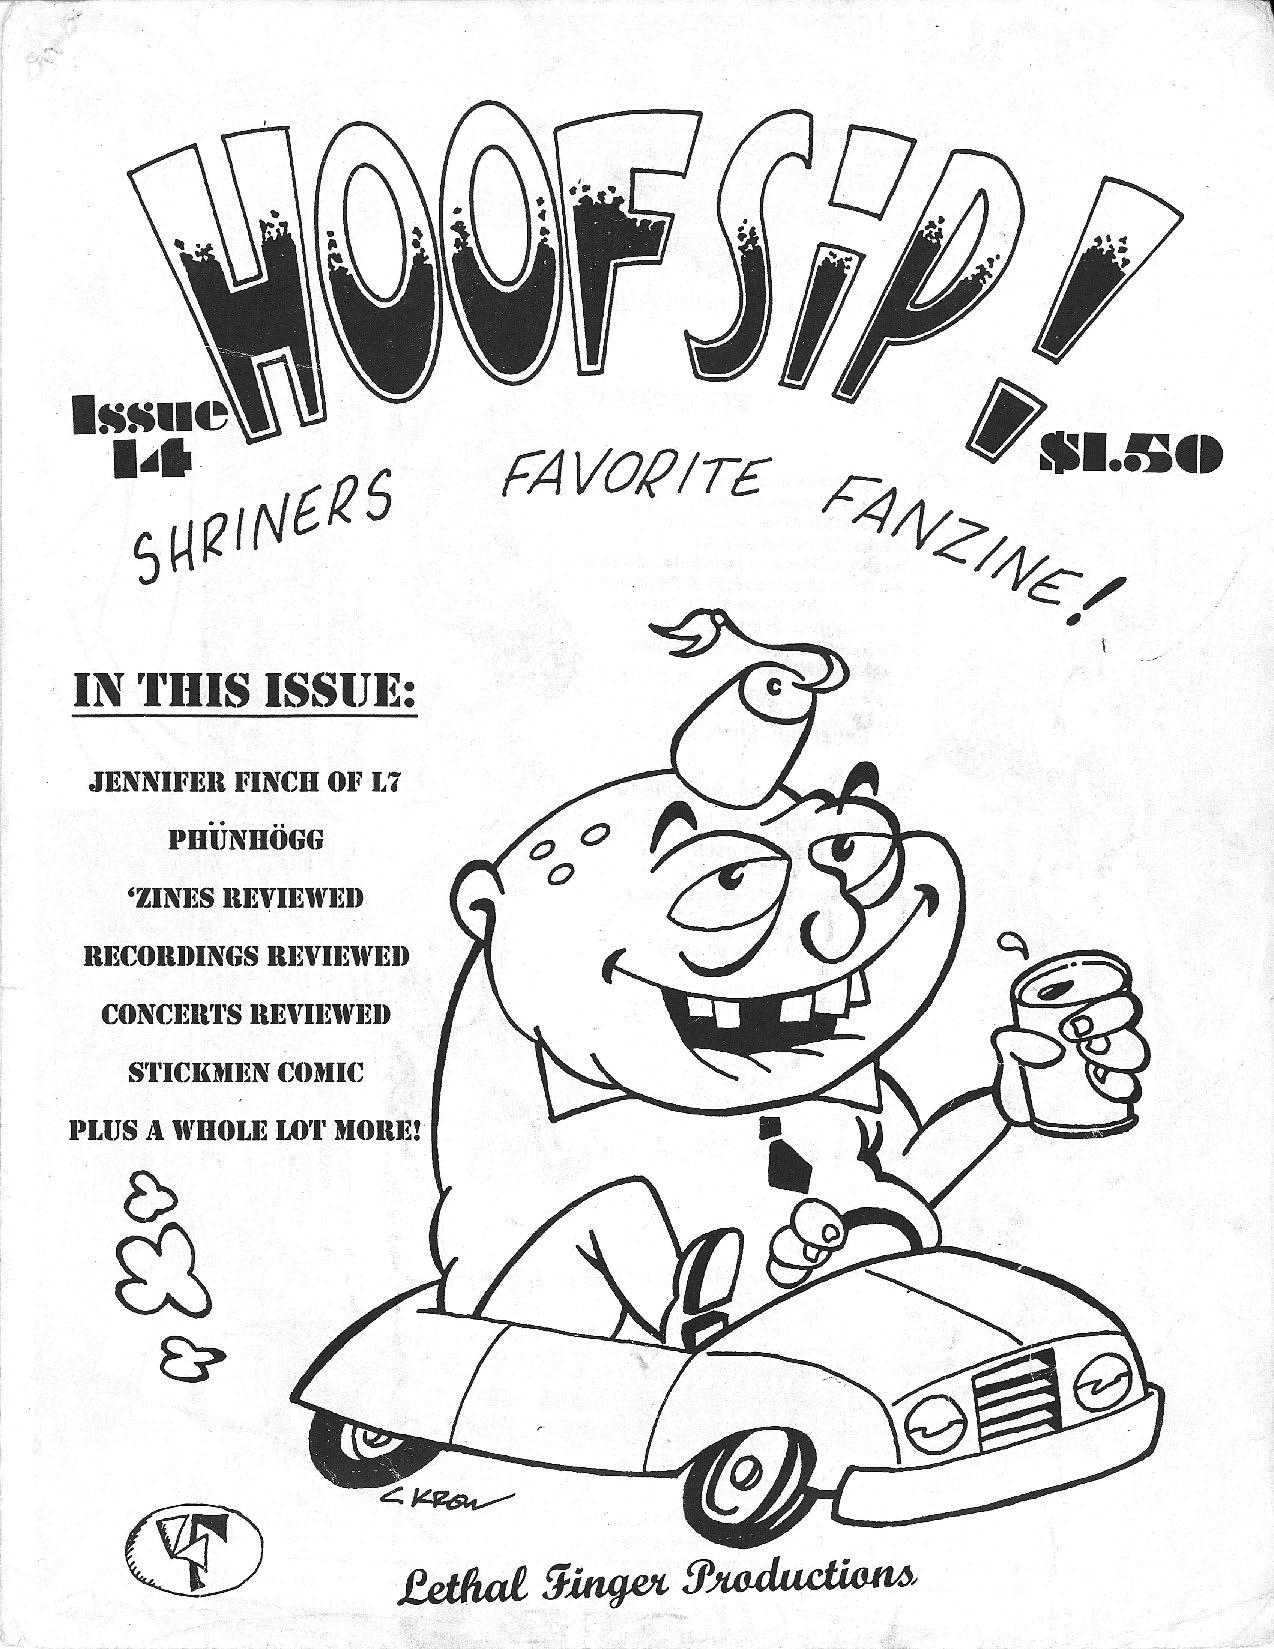 HOOFSIP #14 Cover